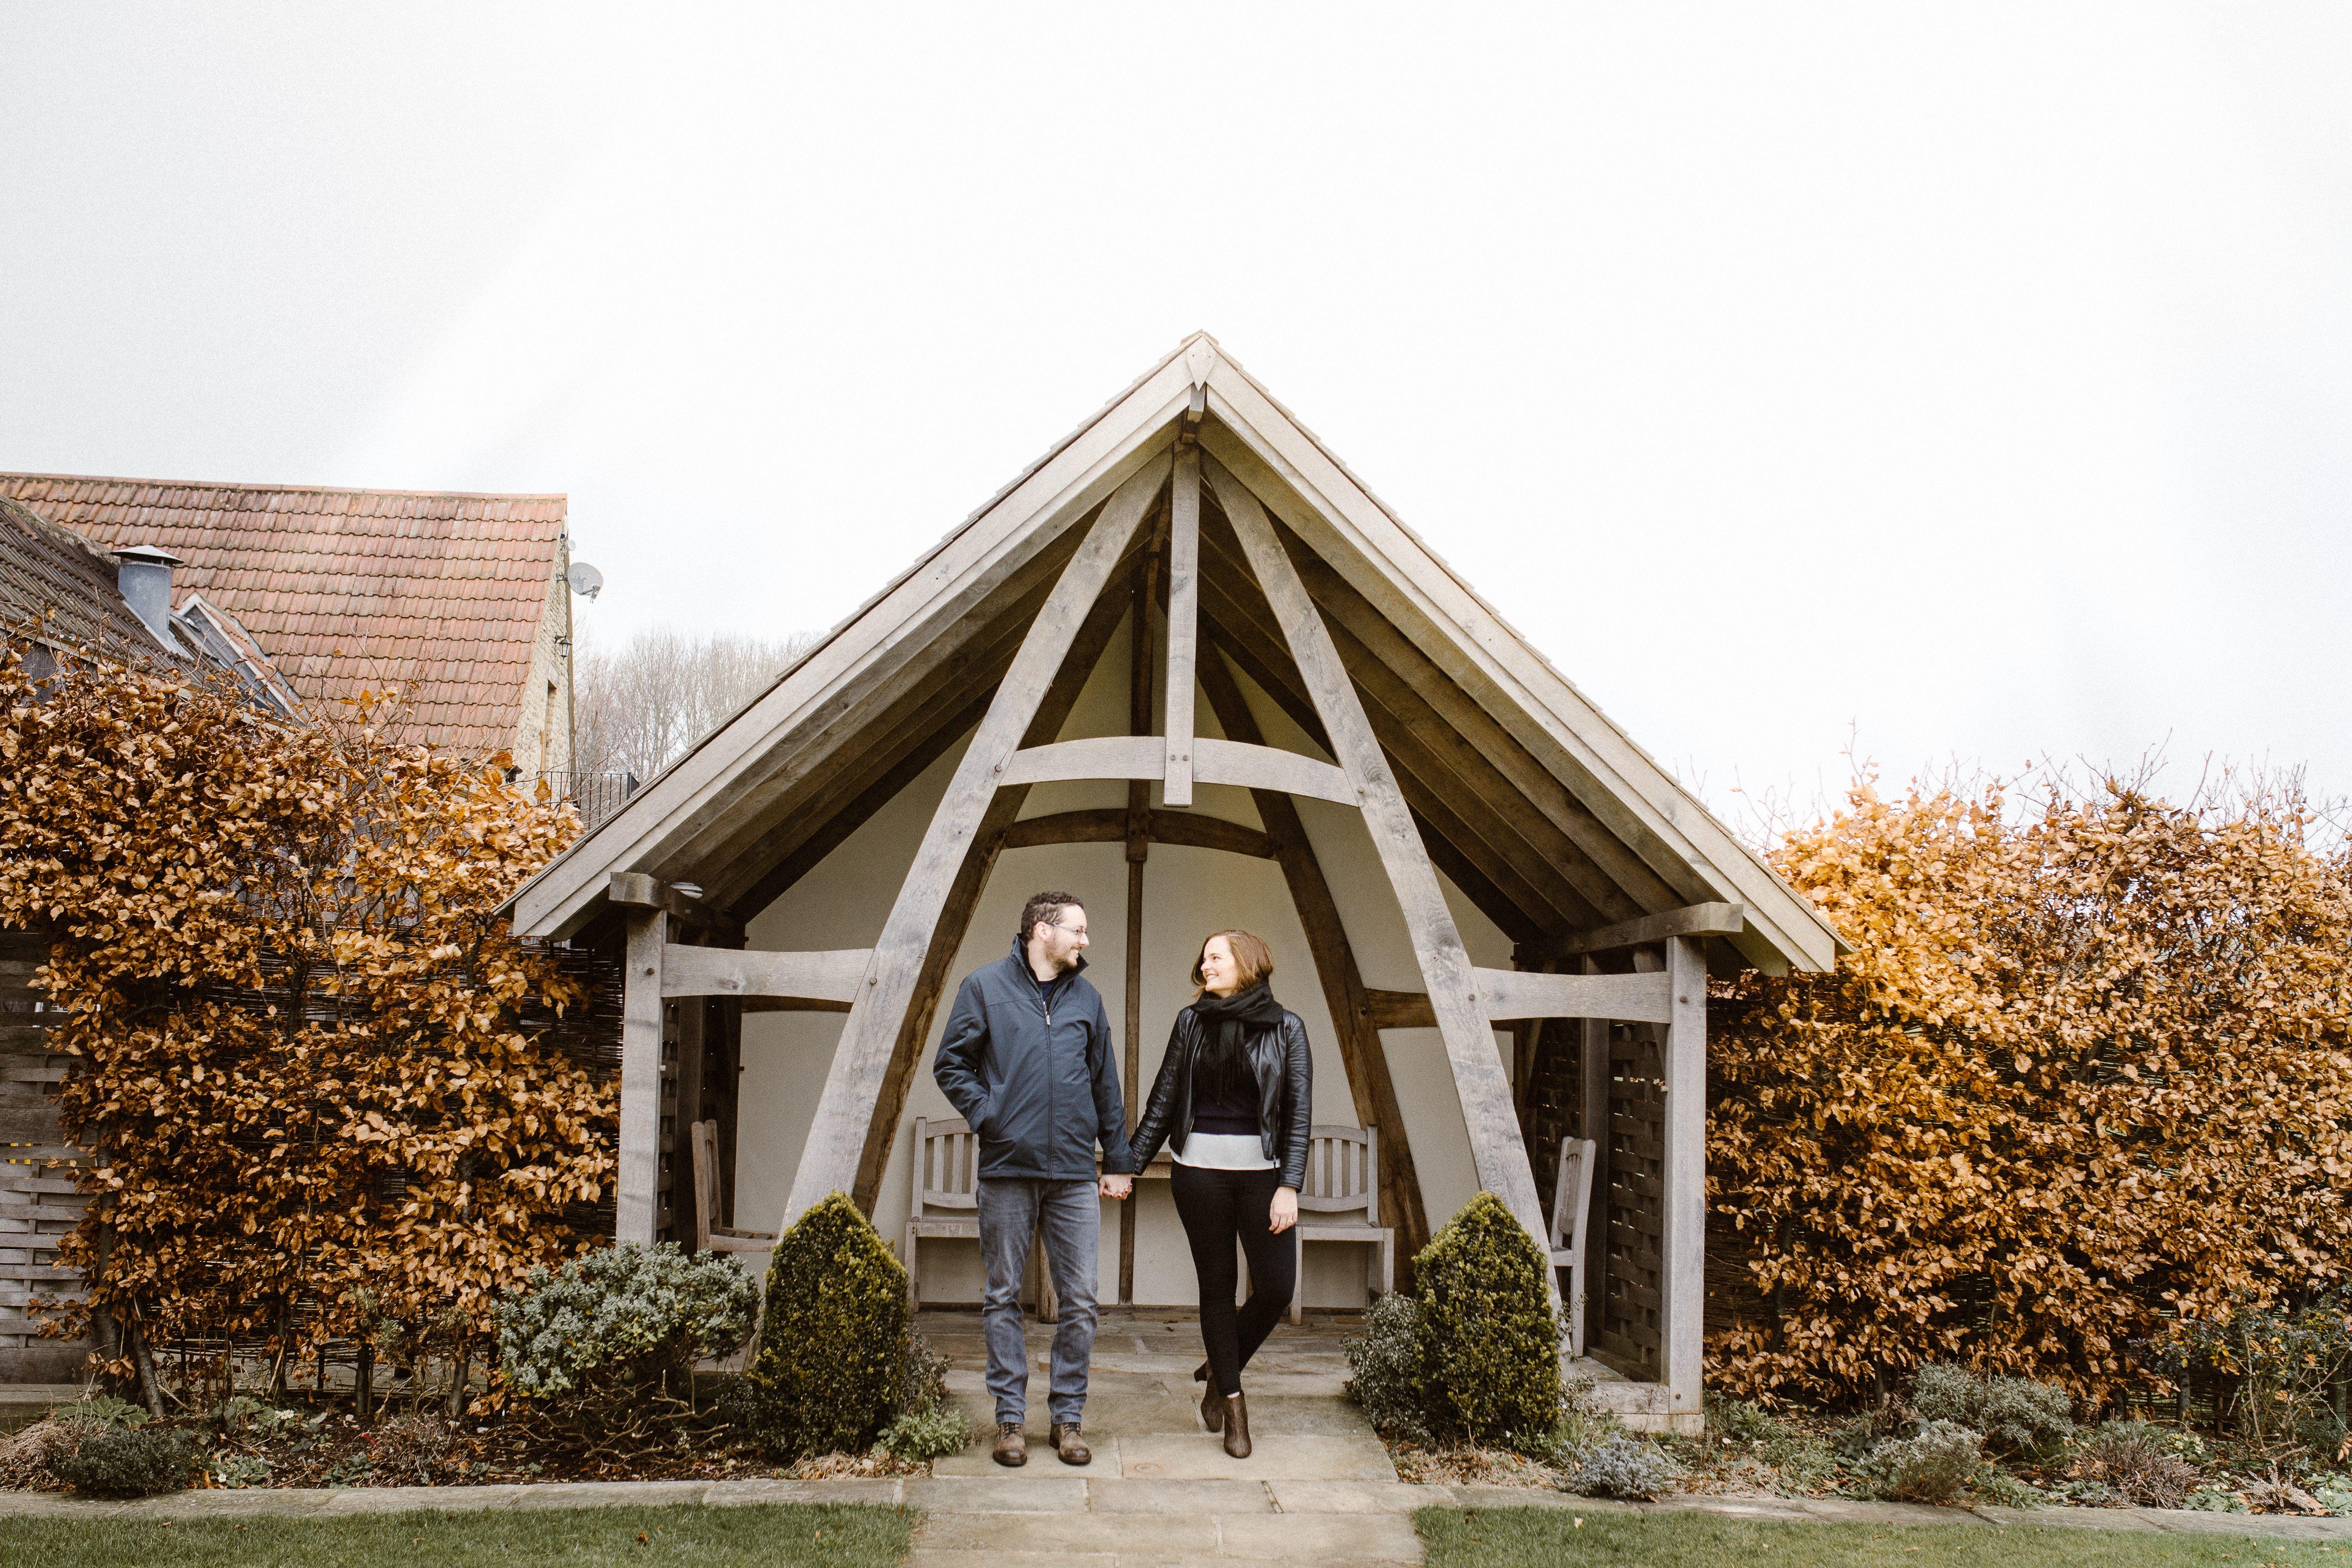 couple outside Kingscote Barn wedding venue